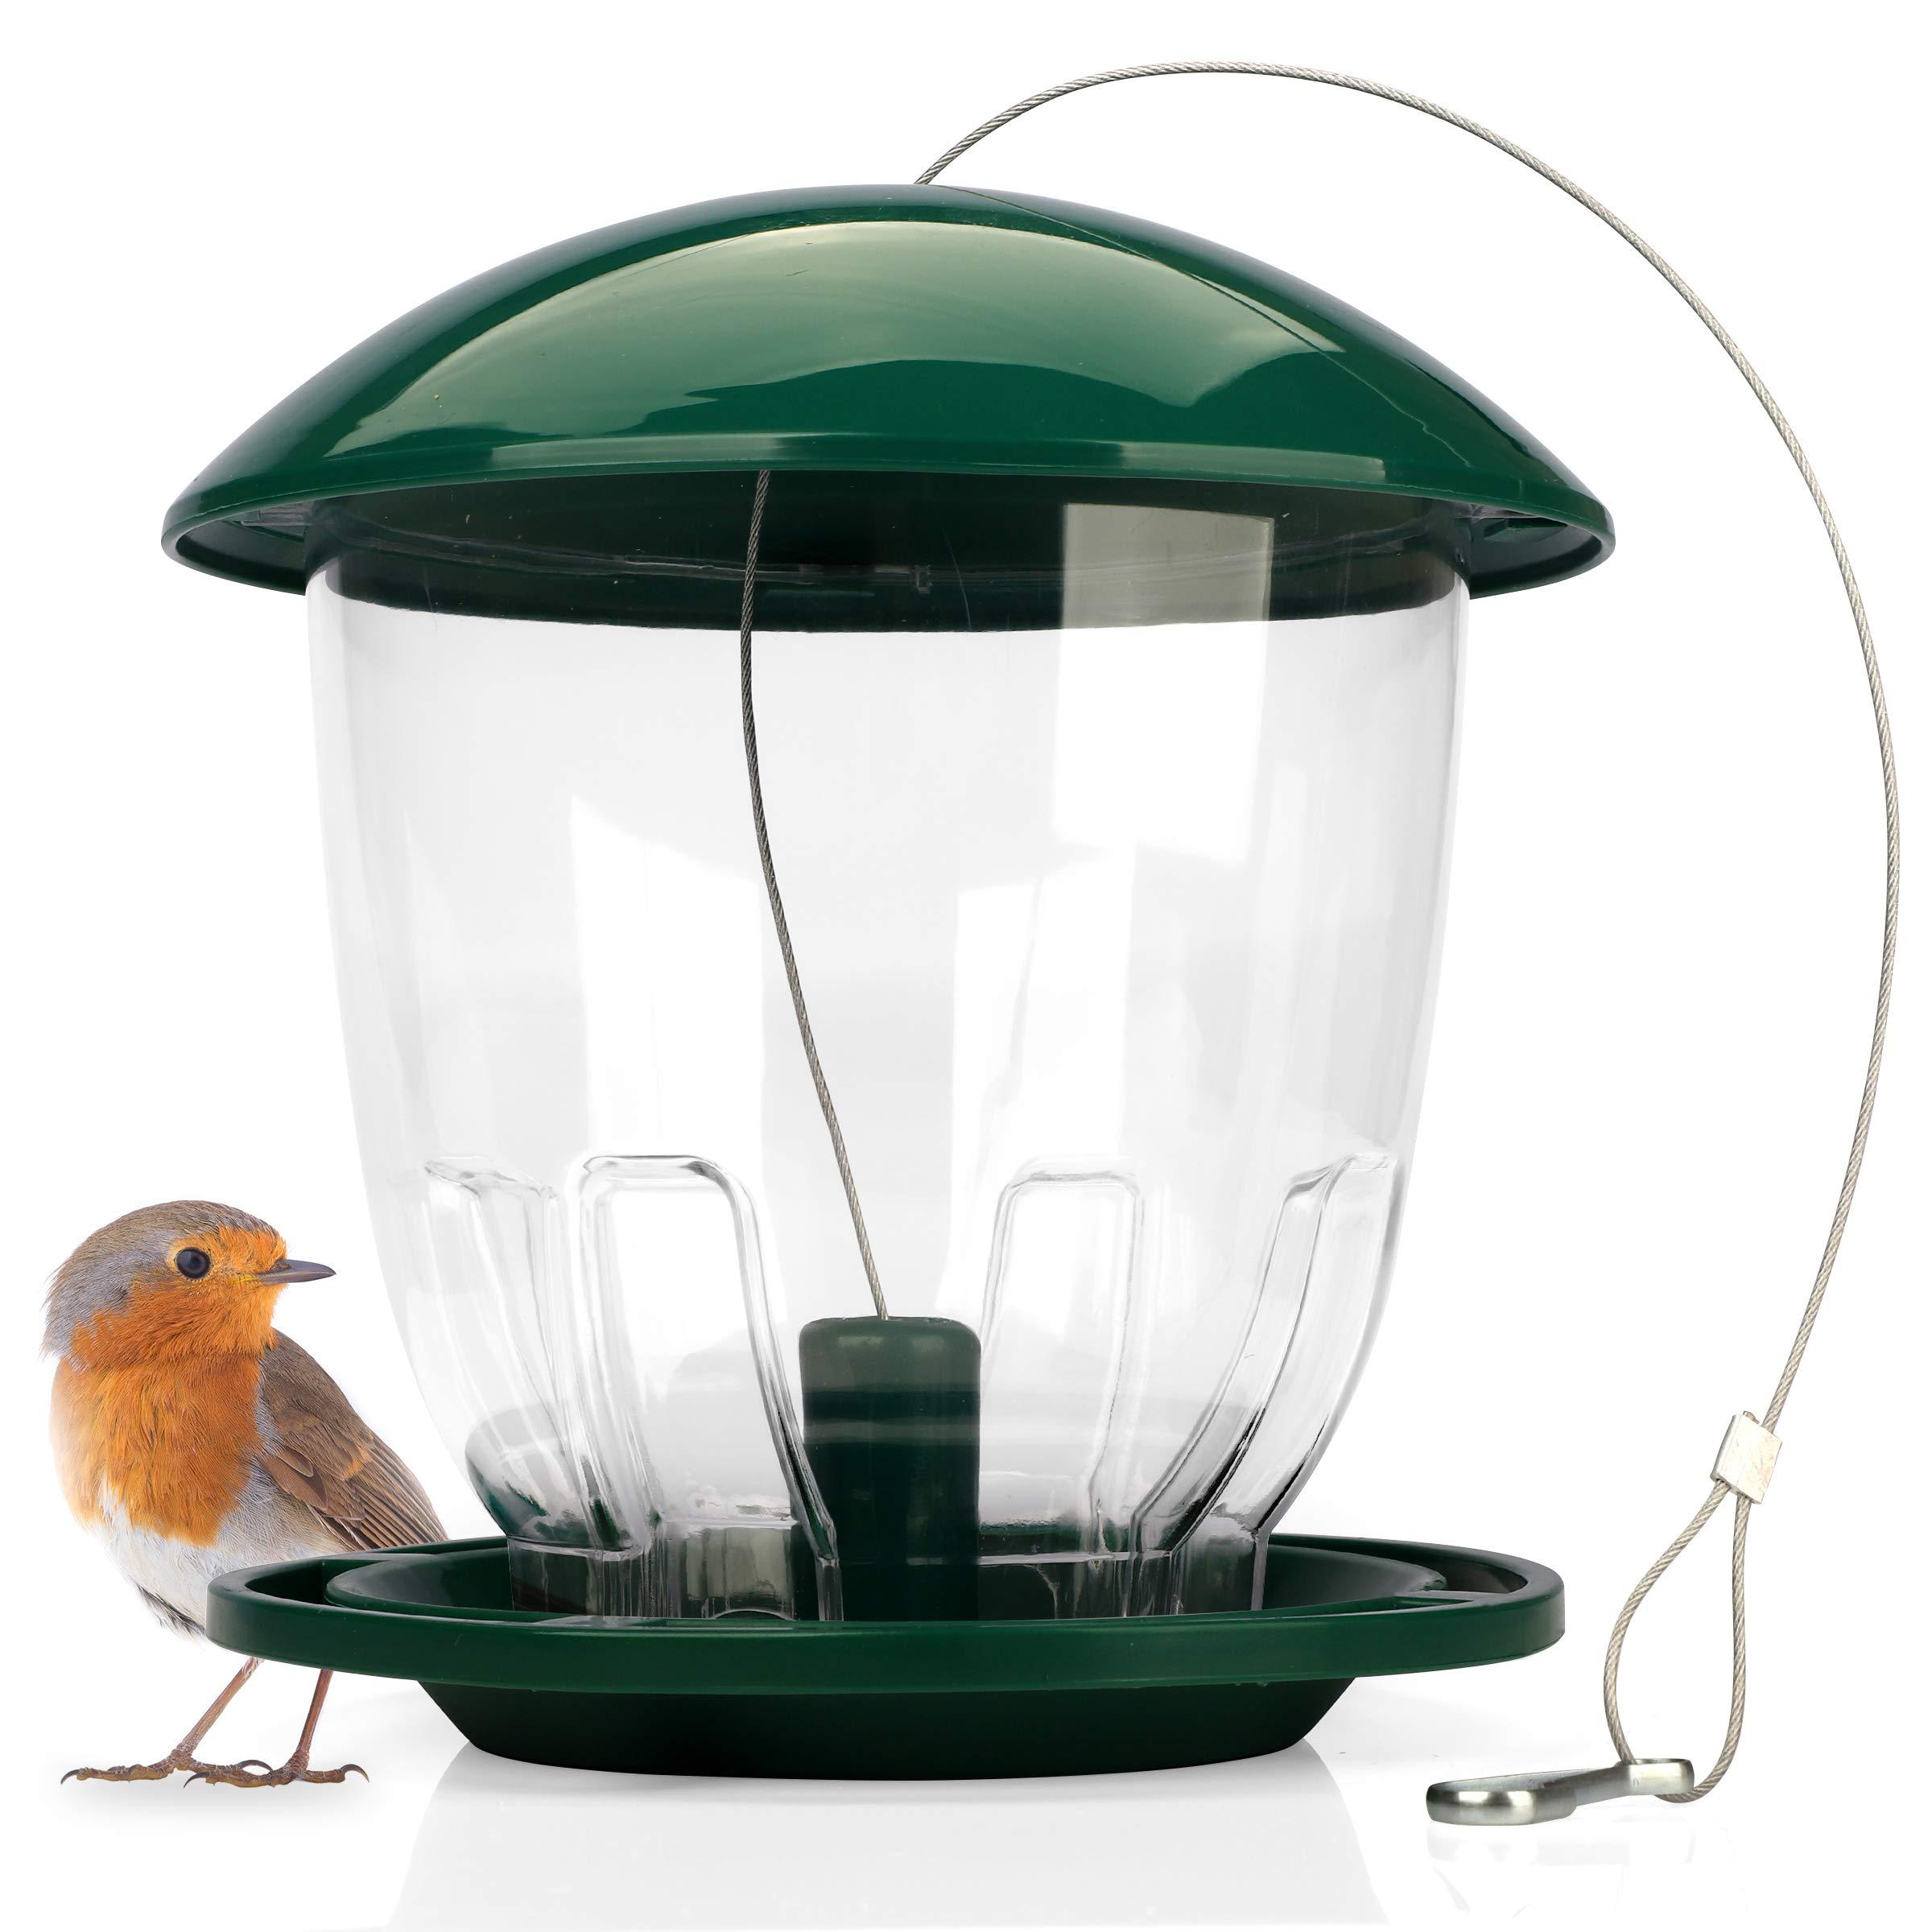 Wildlife Friend | Comedero Pájaros XXL en Cristal Acrílico - 1, 5 kg Capacidad para semillas y núcleos, columna de alimentación para pájaros, aves silvestres, cacerolas, gorriones y pájaros de jardín: Amazon.es: Jardín